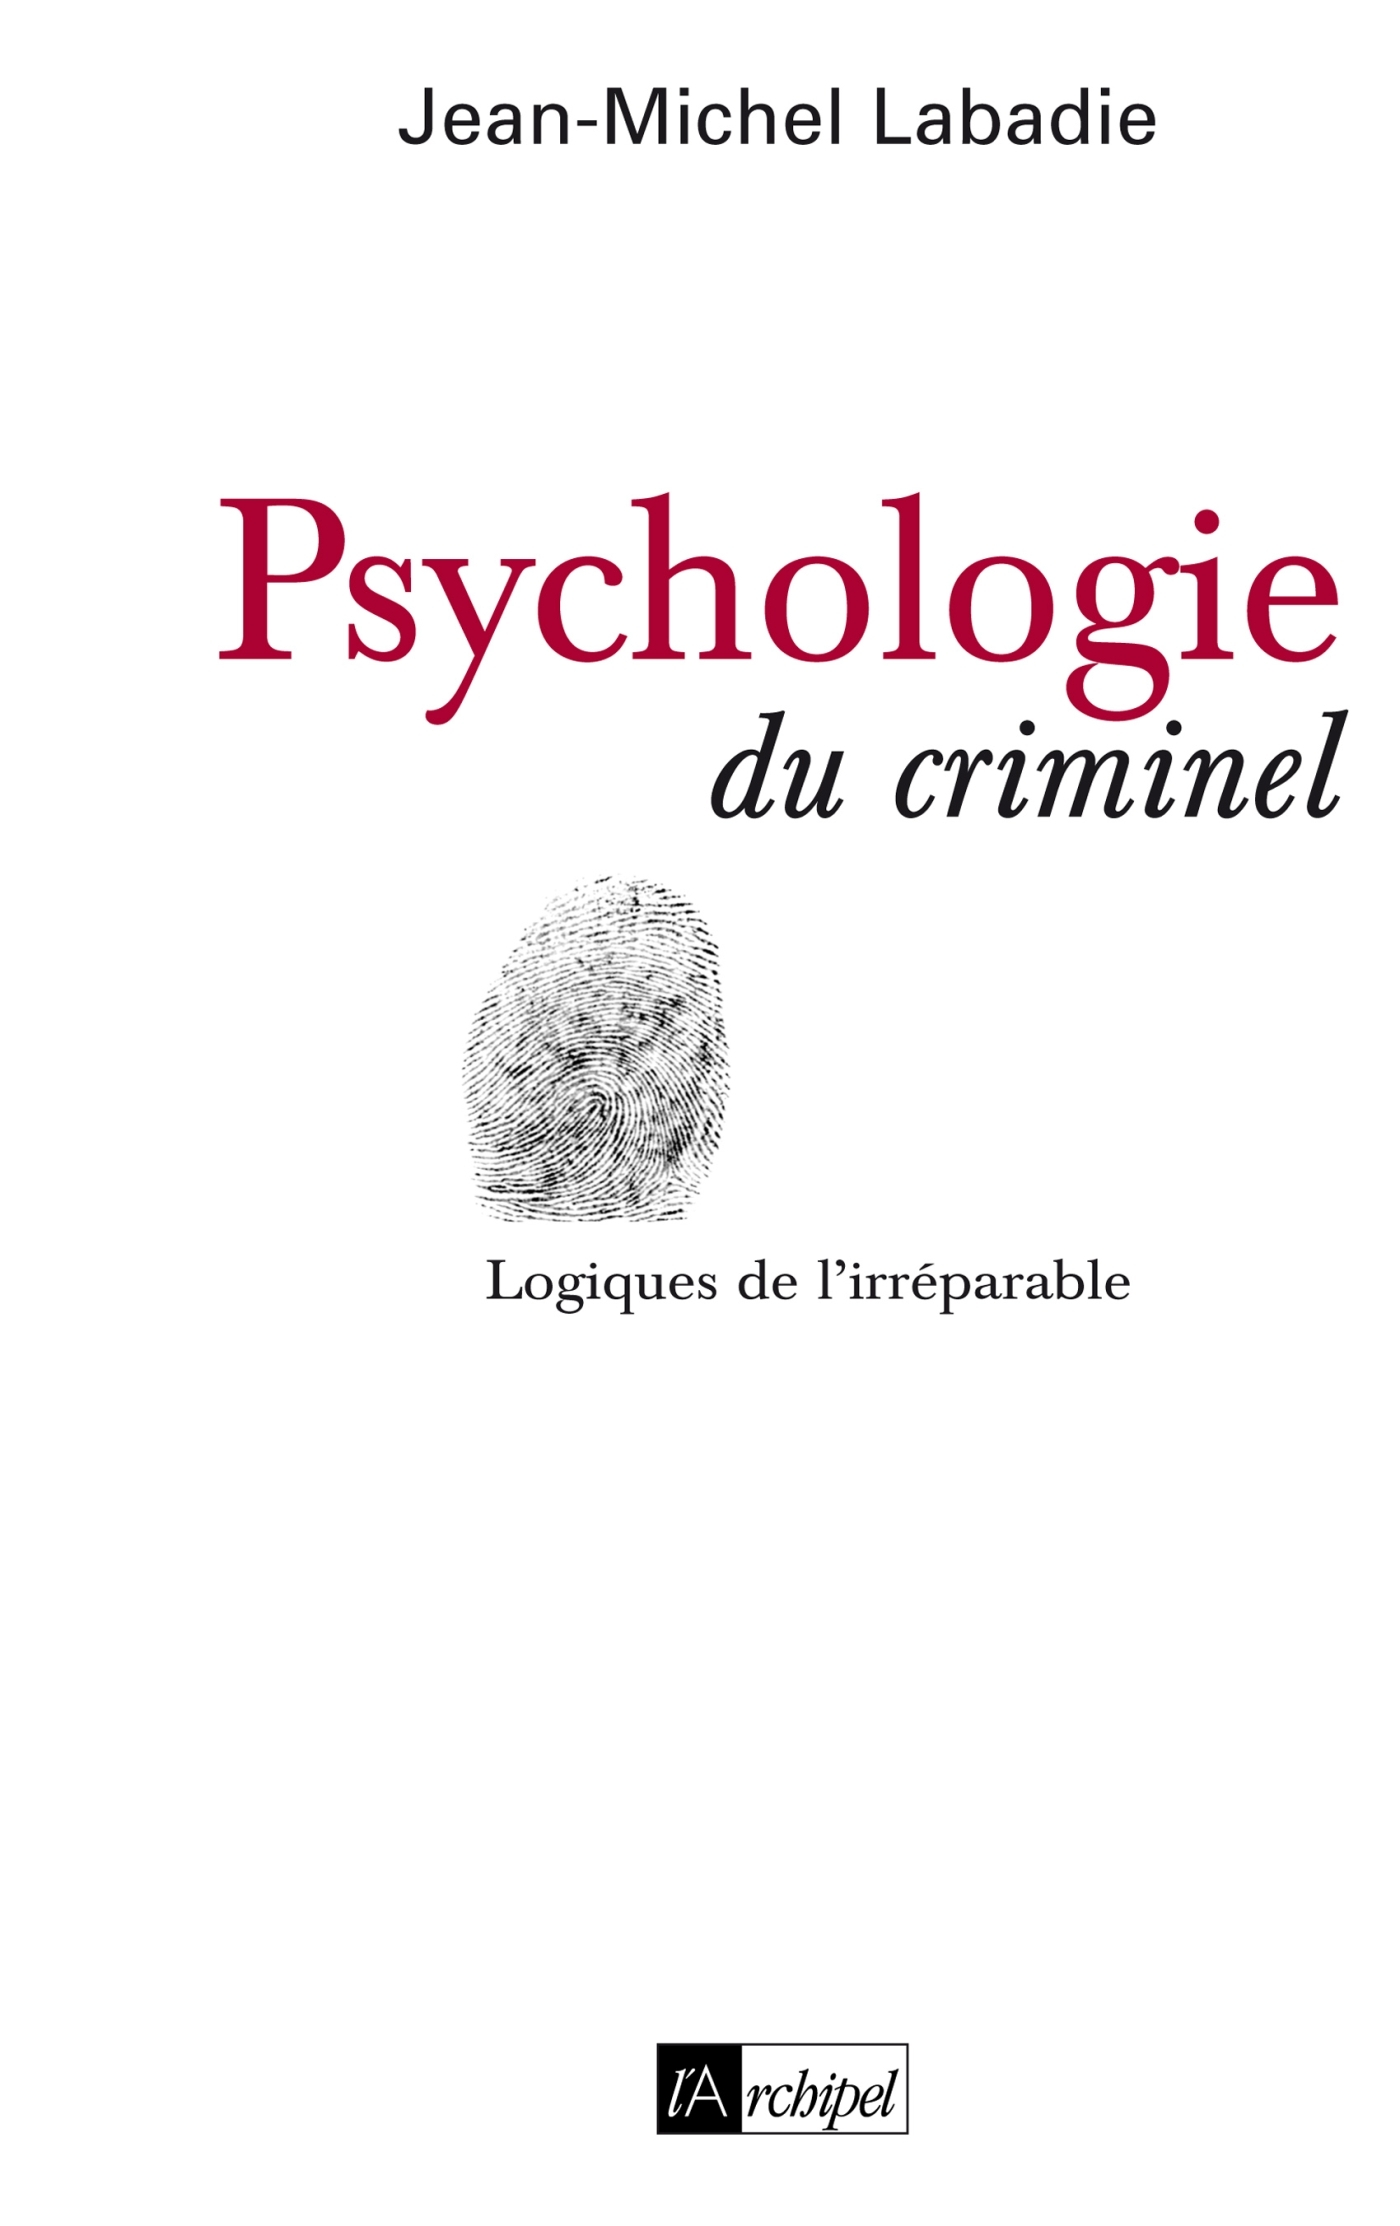 PSYCHOLOGIE DU CRIME